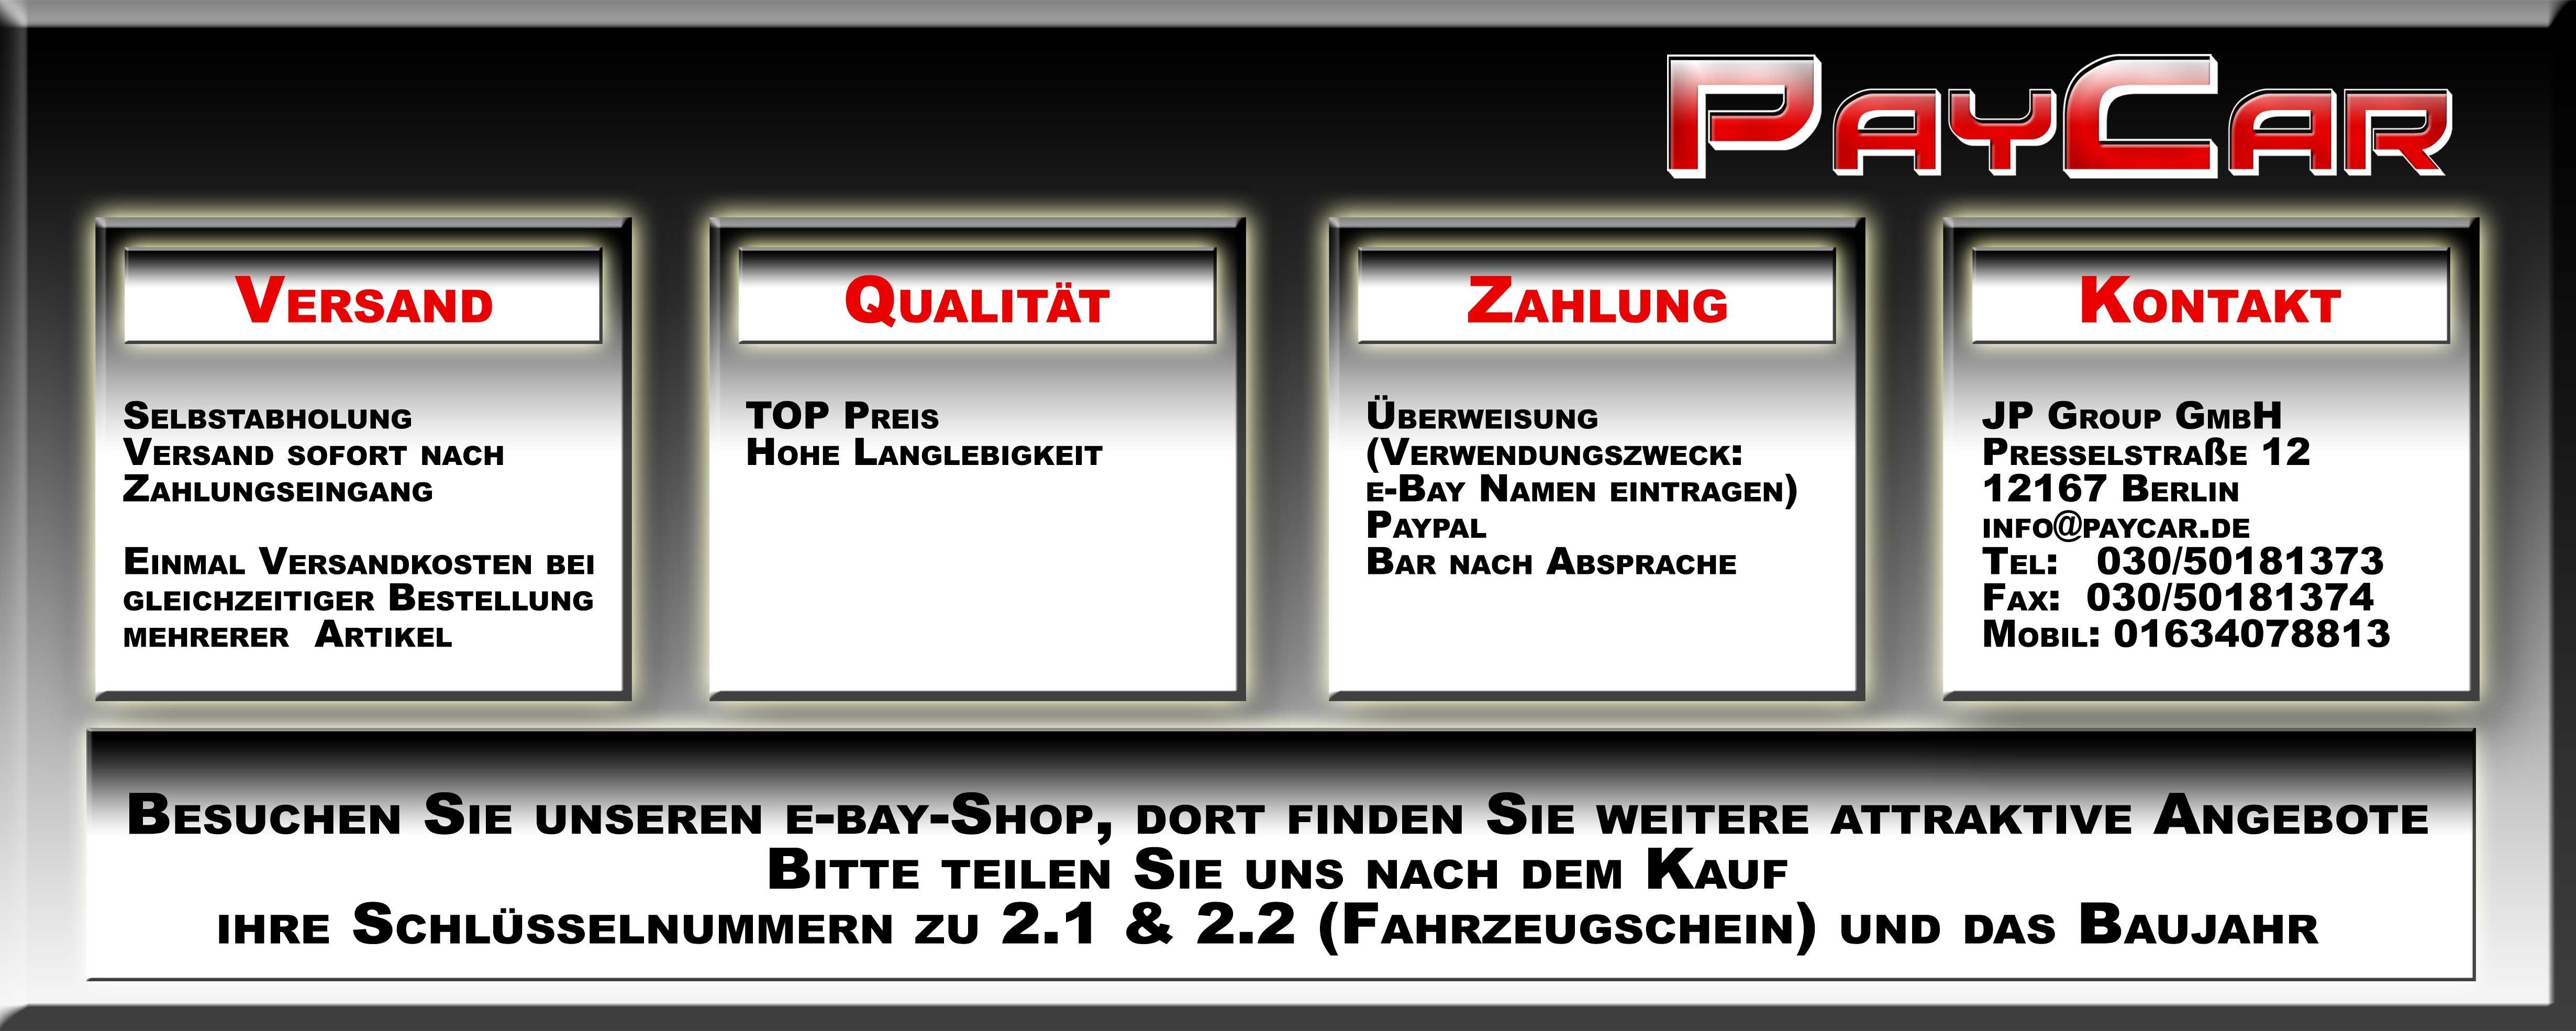 http://www.paycar.de/ebay/paycarlogounten